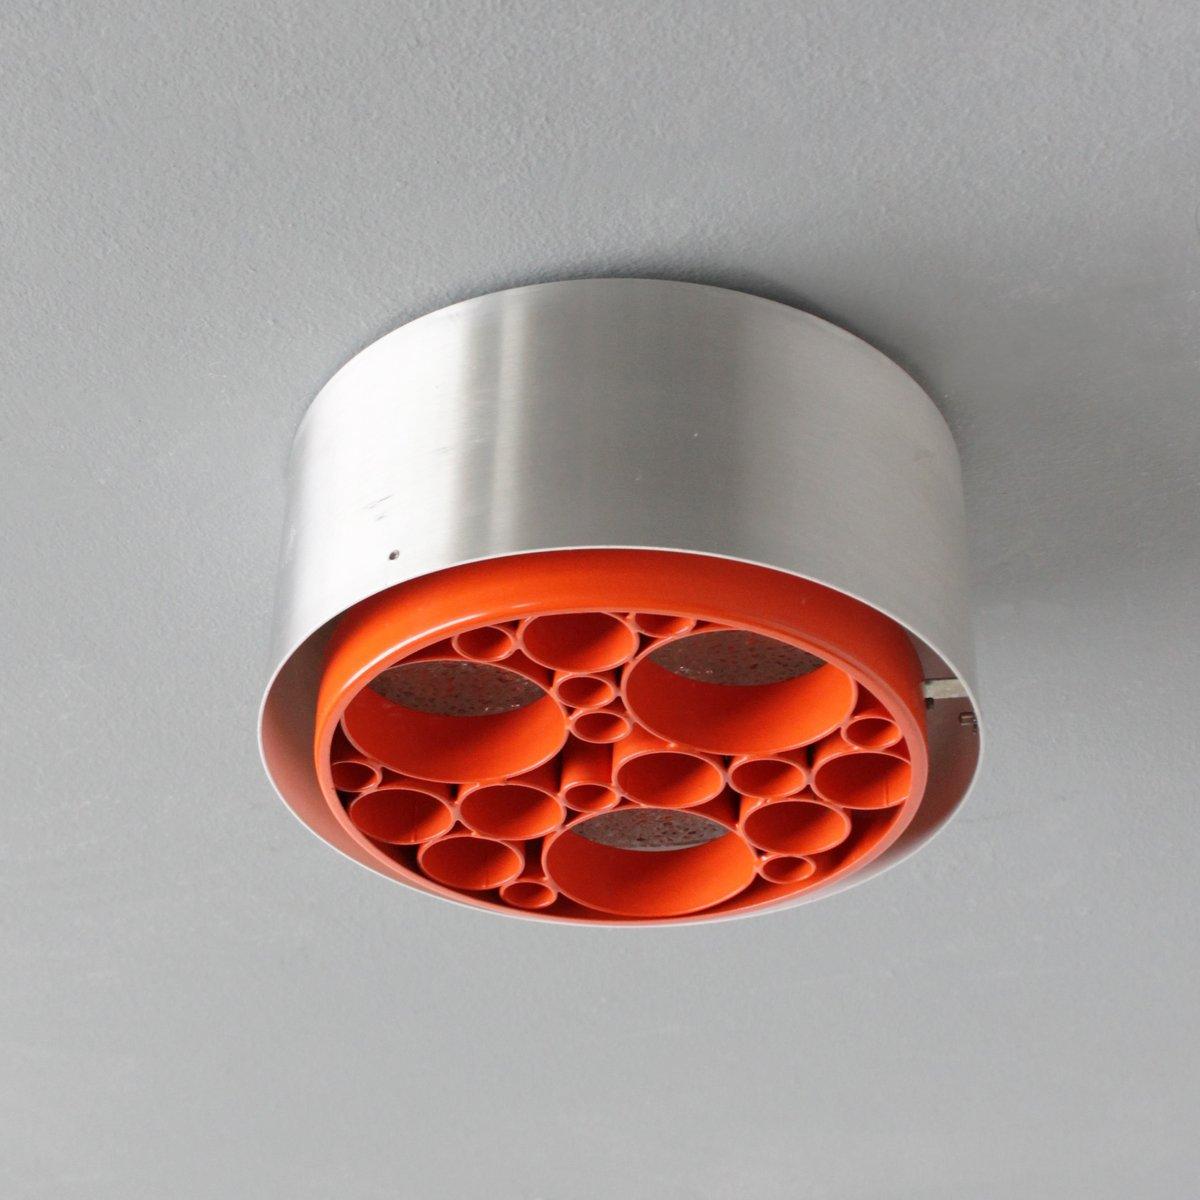 Vintage Alliance Deckenlampe von Raak